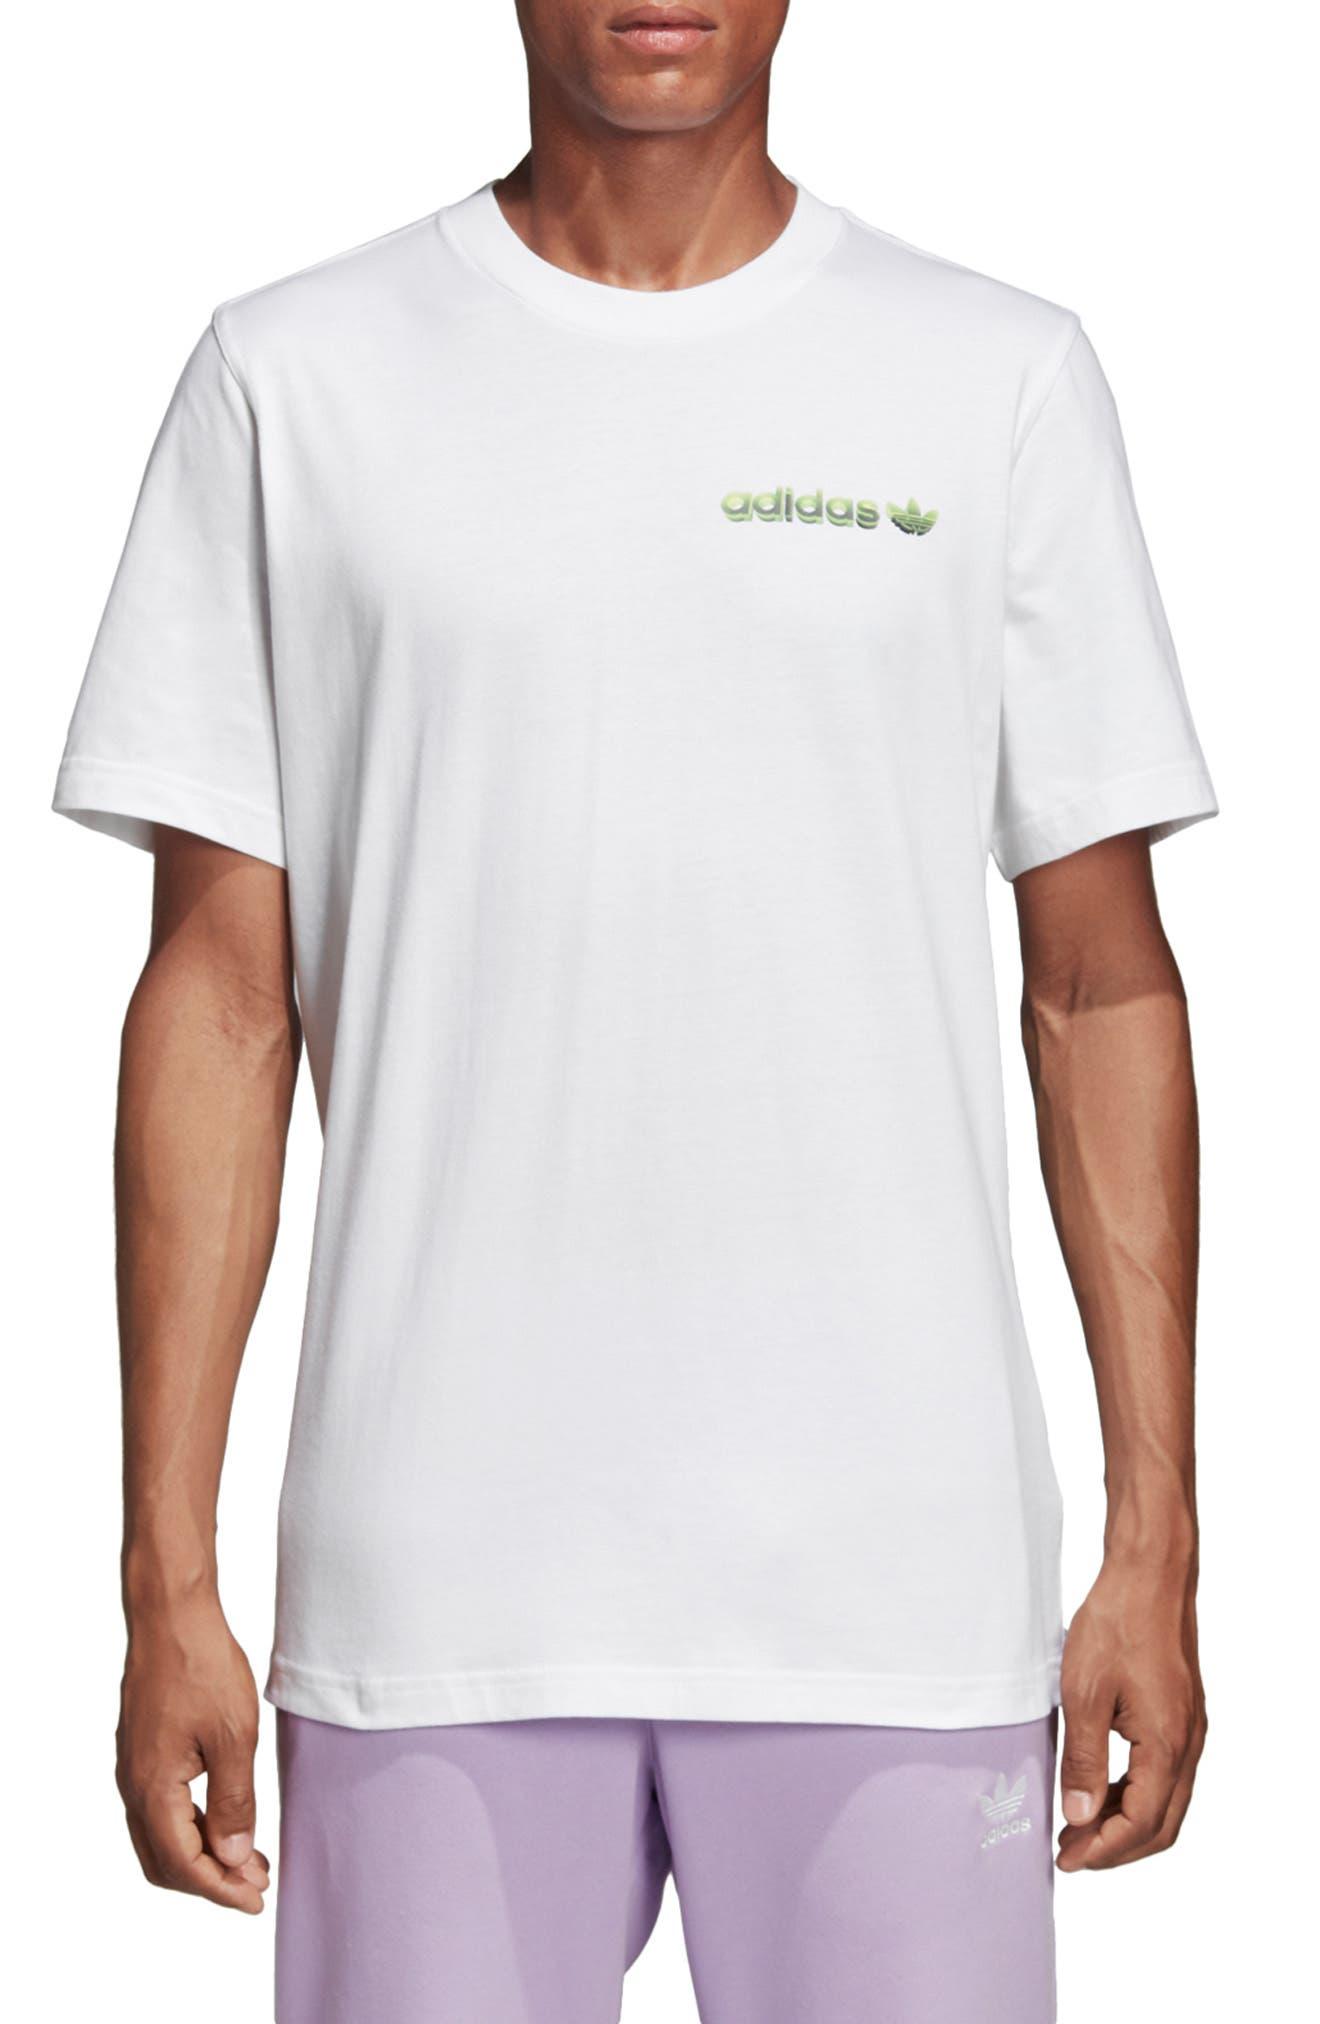 Adidas Originals Tropical Graphic T-Shirt, White